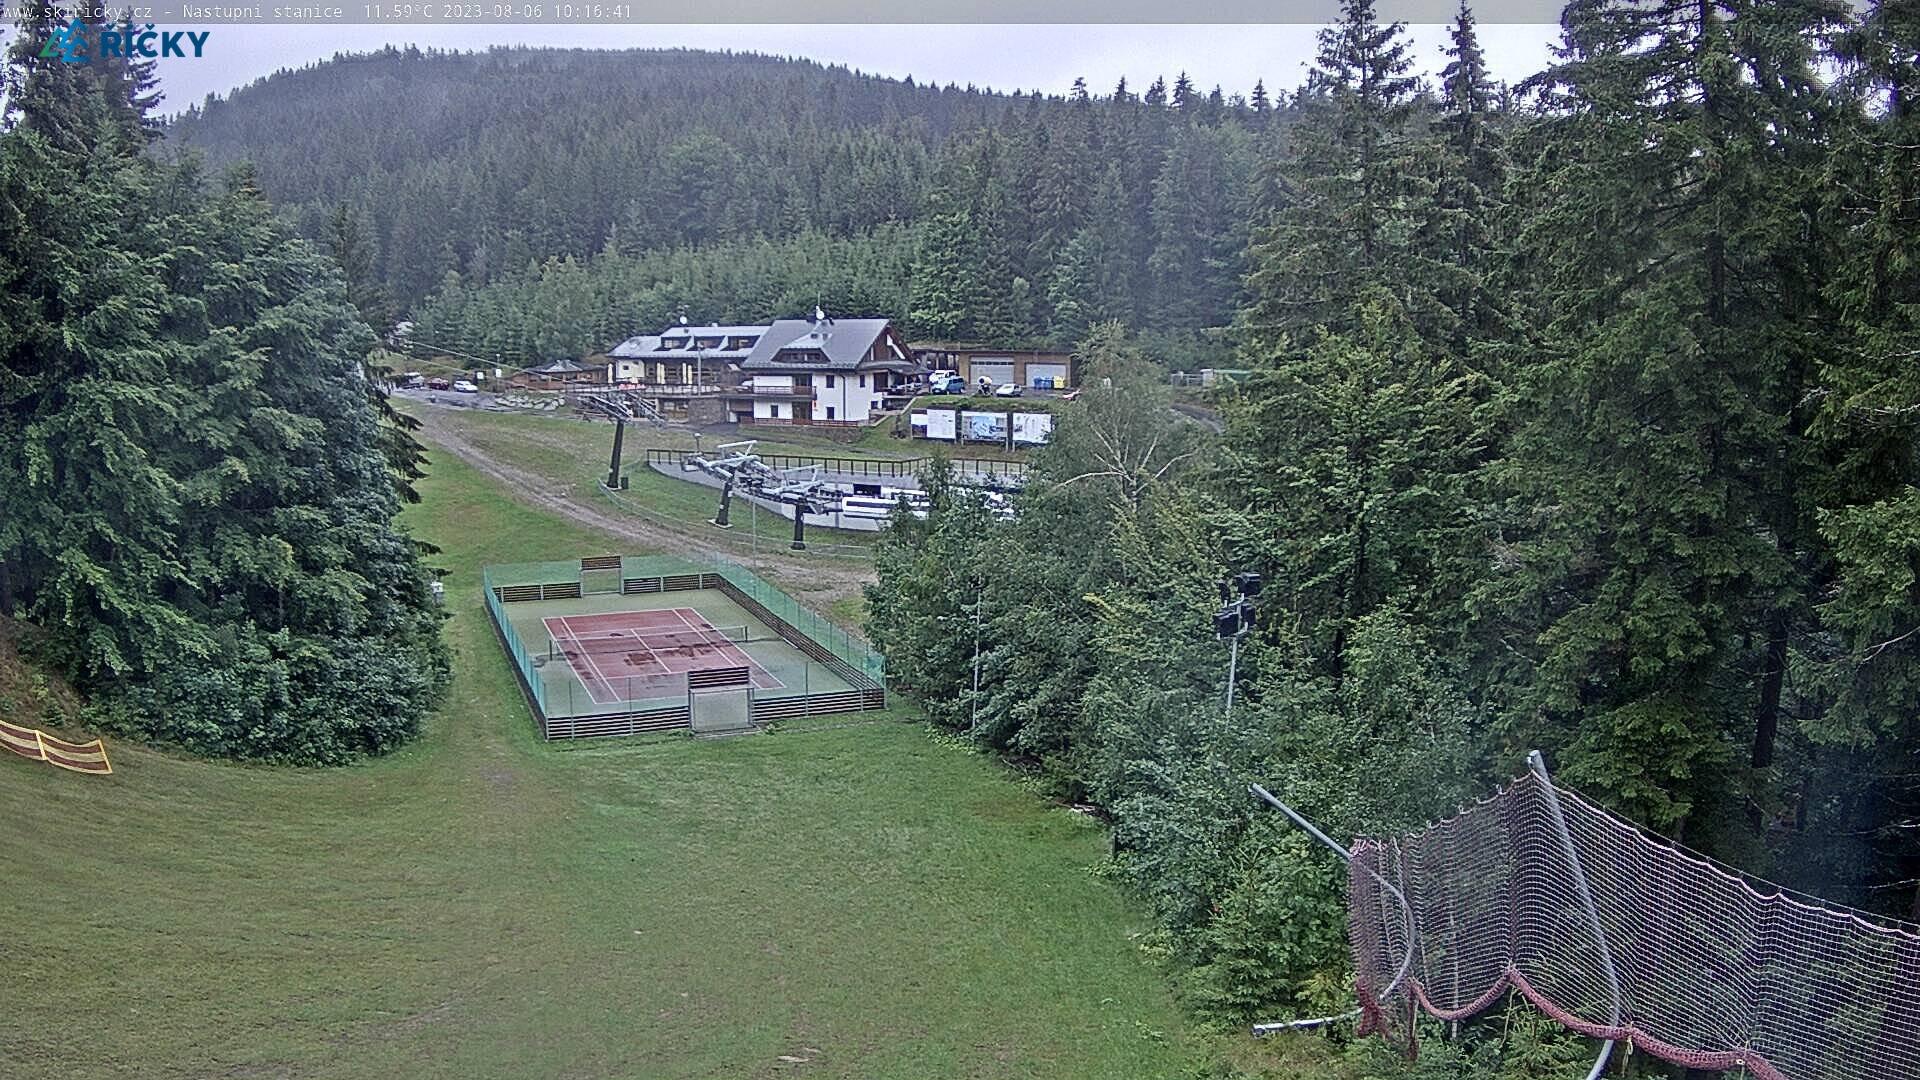 Webcam Skigebied Ricky v O.h. cam 2 - Adelaarsgebergte